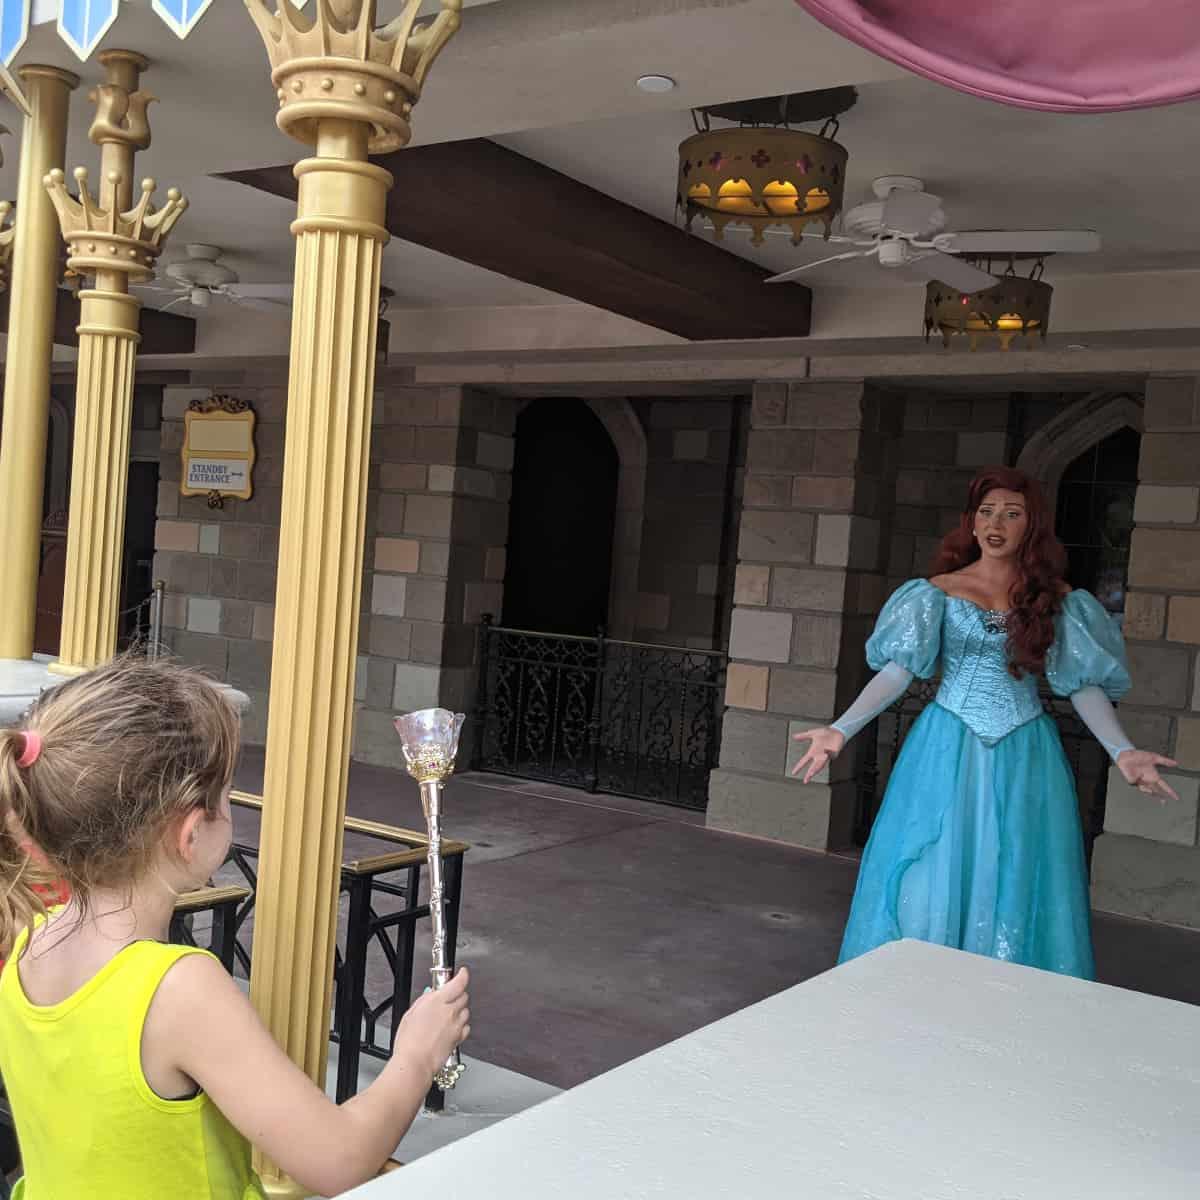 Aerial at Magic Kingdom Walt Disney World